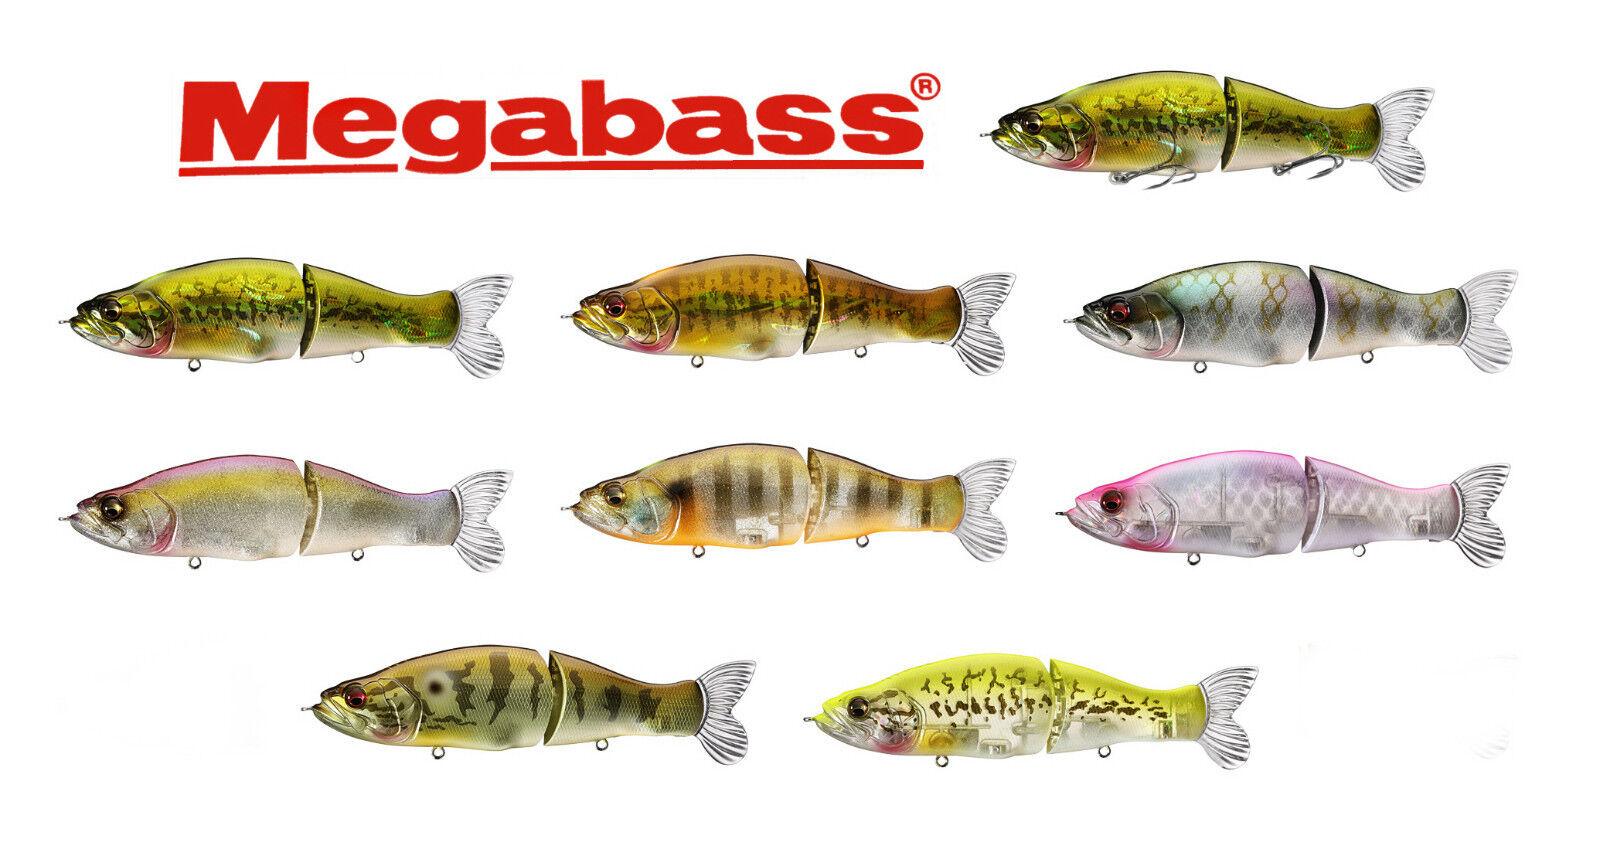 Megabass I Slide 135 - Hard Body Swimbait 5 1 4  (13.3 Cm) Japanese Fishing Lure